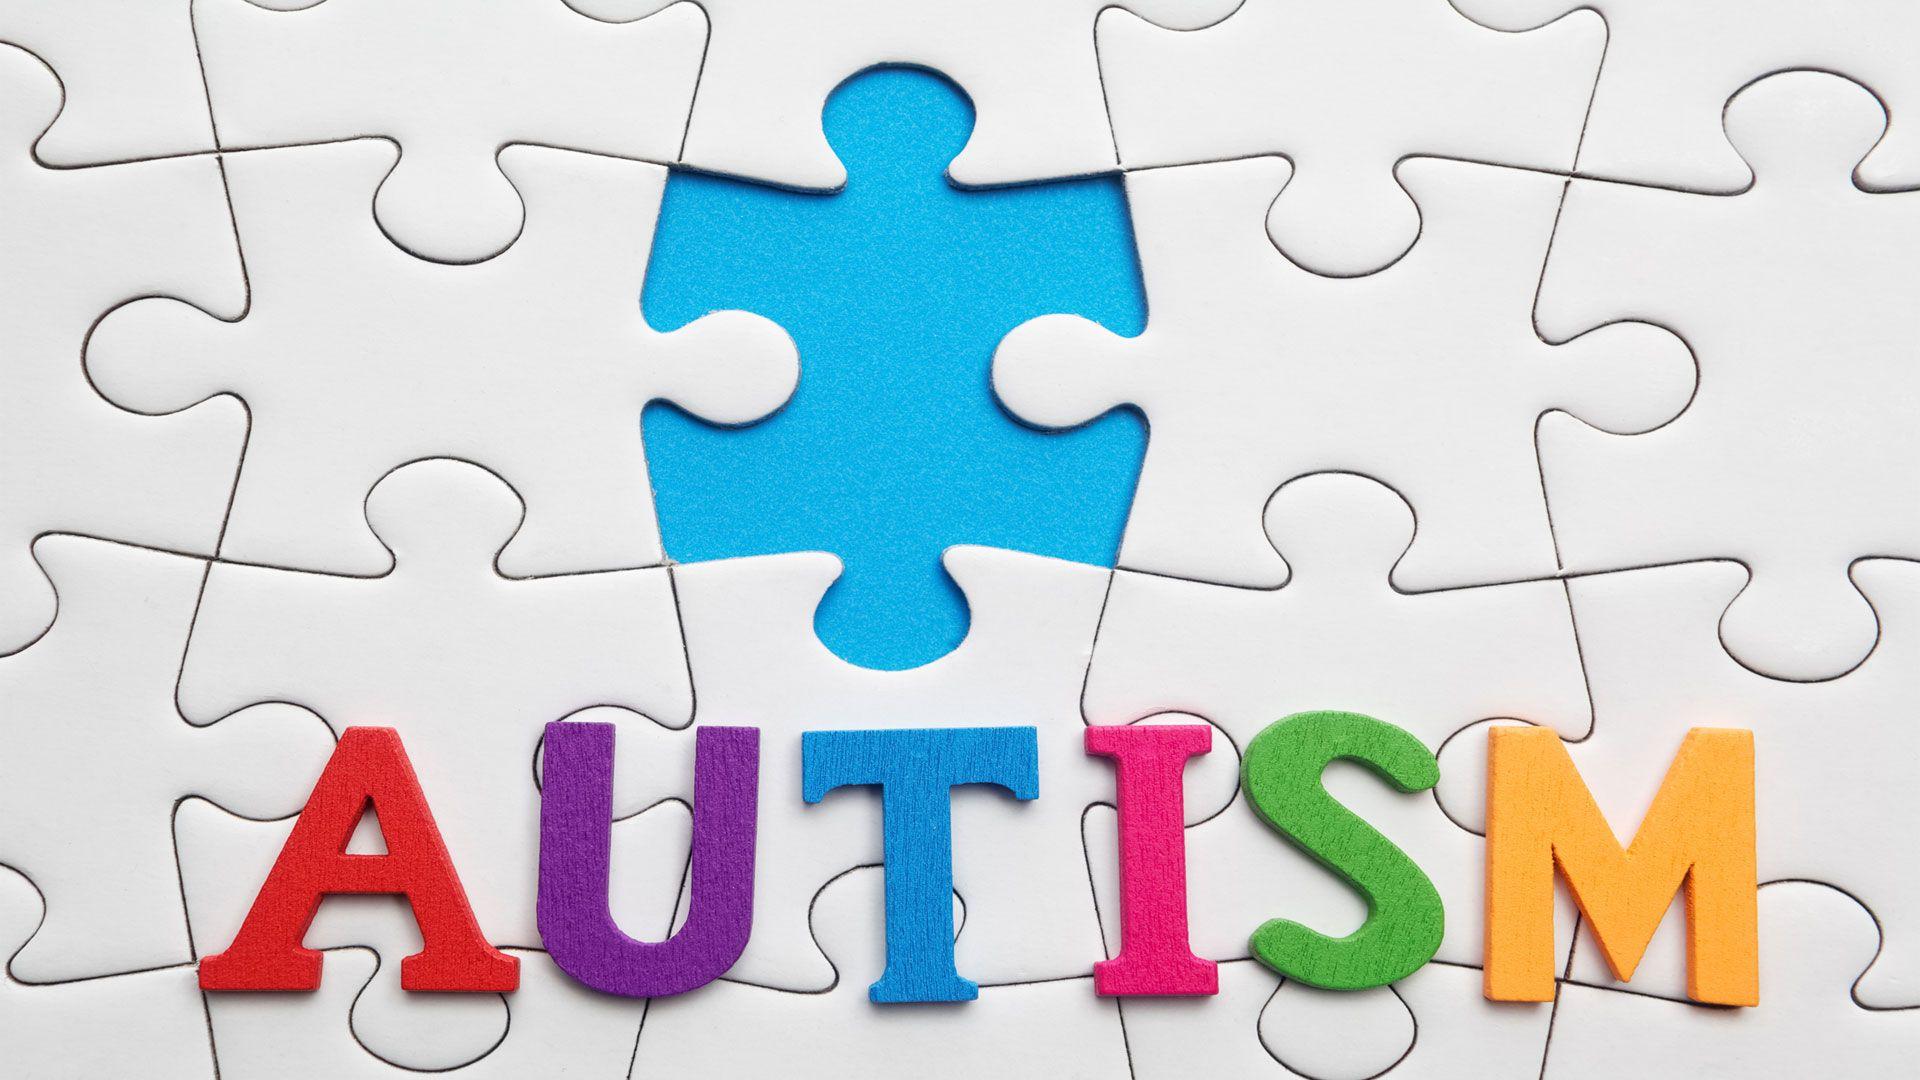 Аутизм - все об этом коварном заболевании